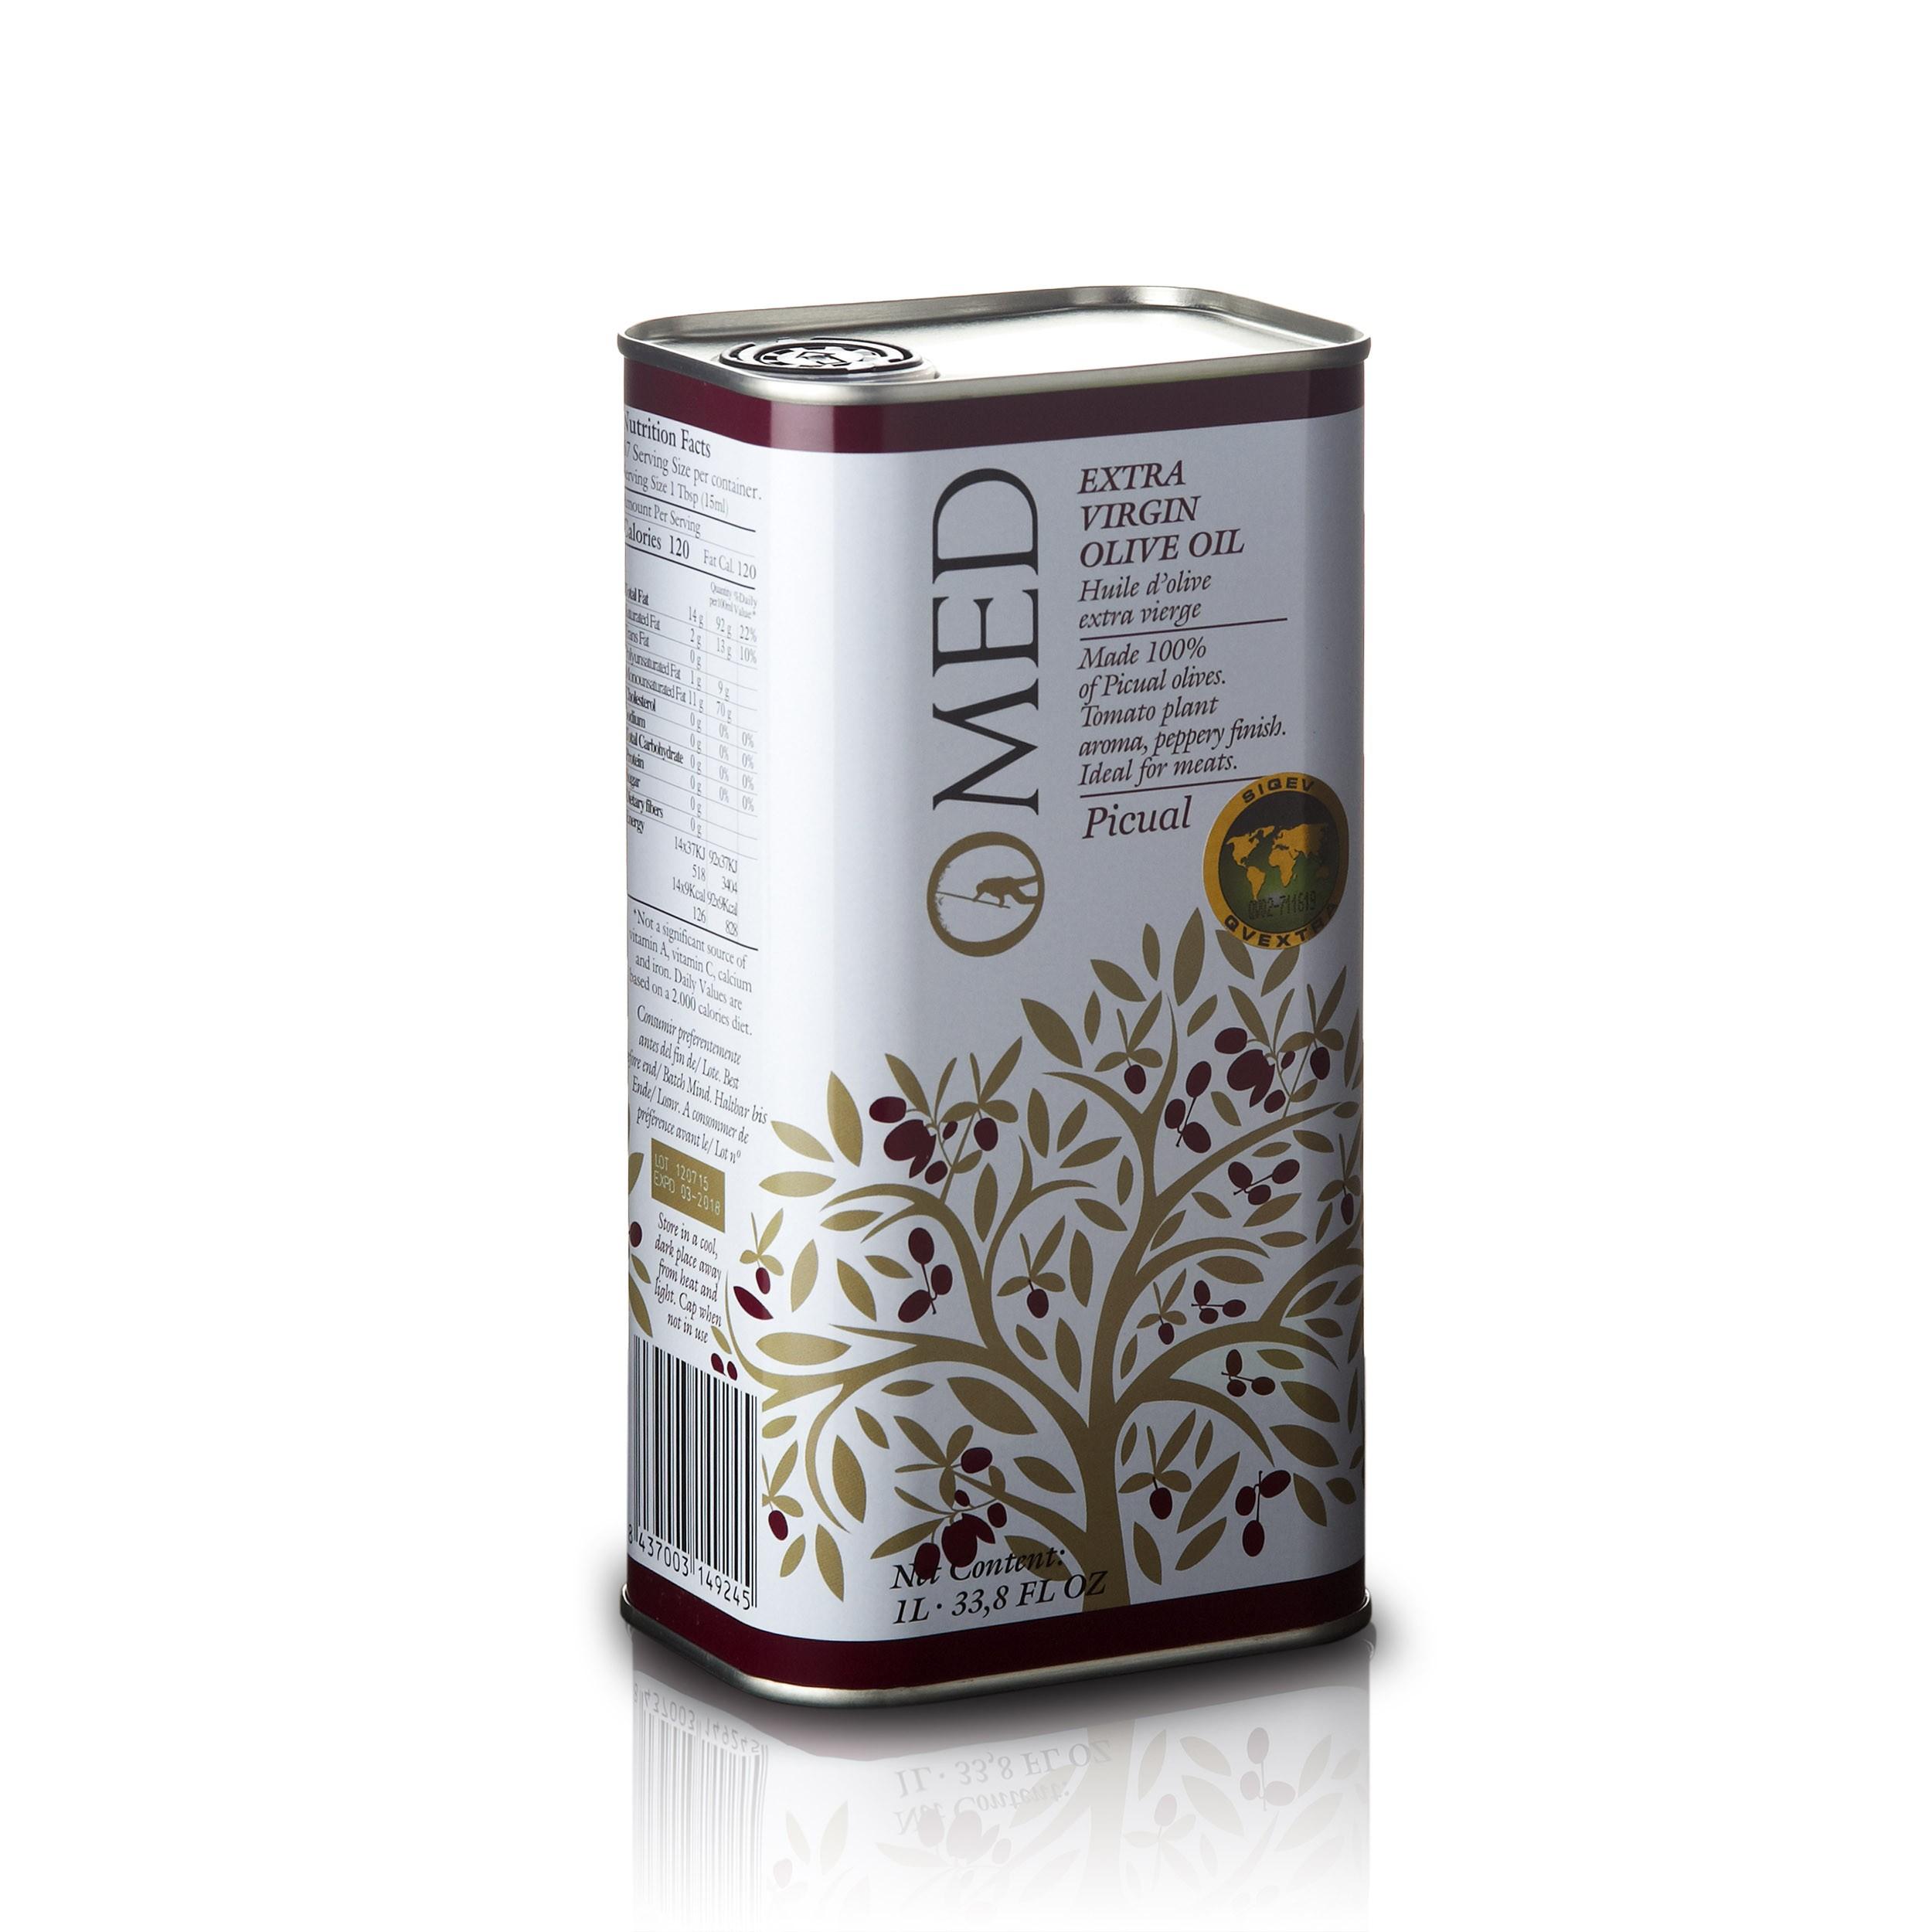 O Med Picual 1 Liter Olivenöl Stiftung Warentest Sieger